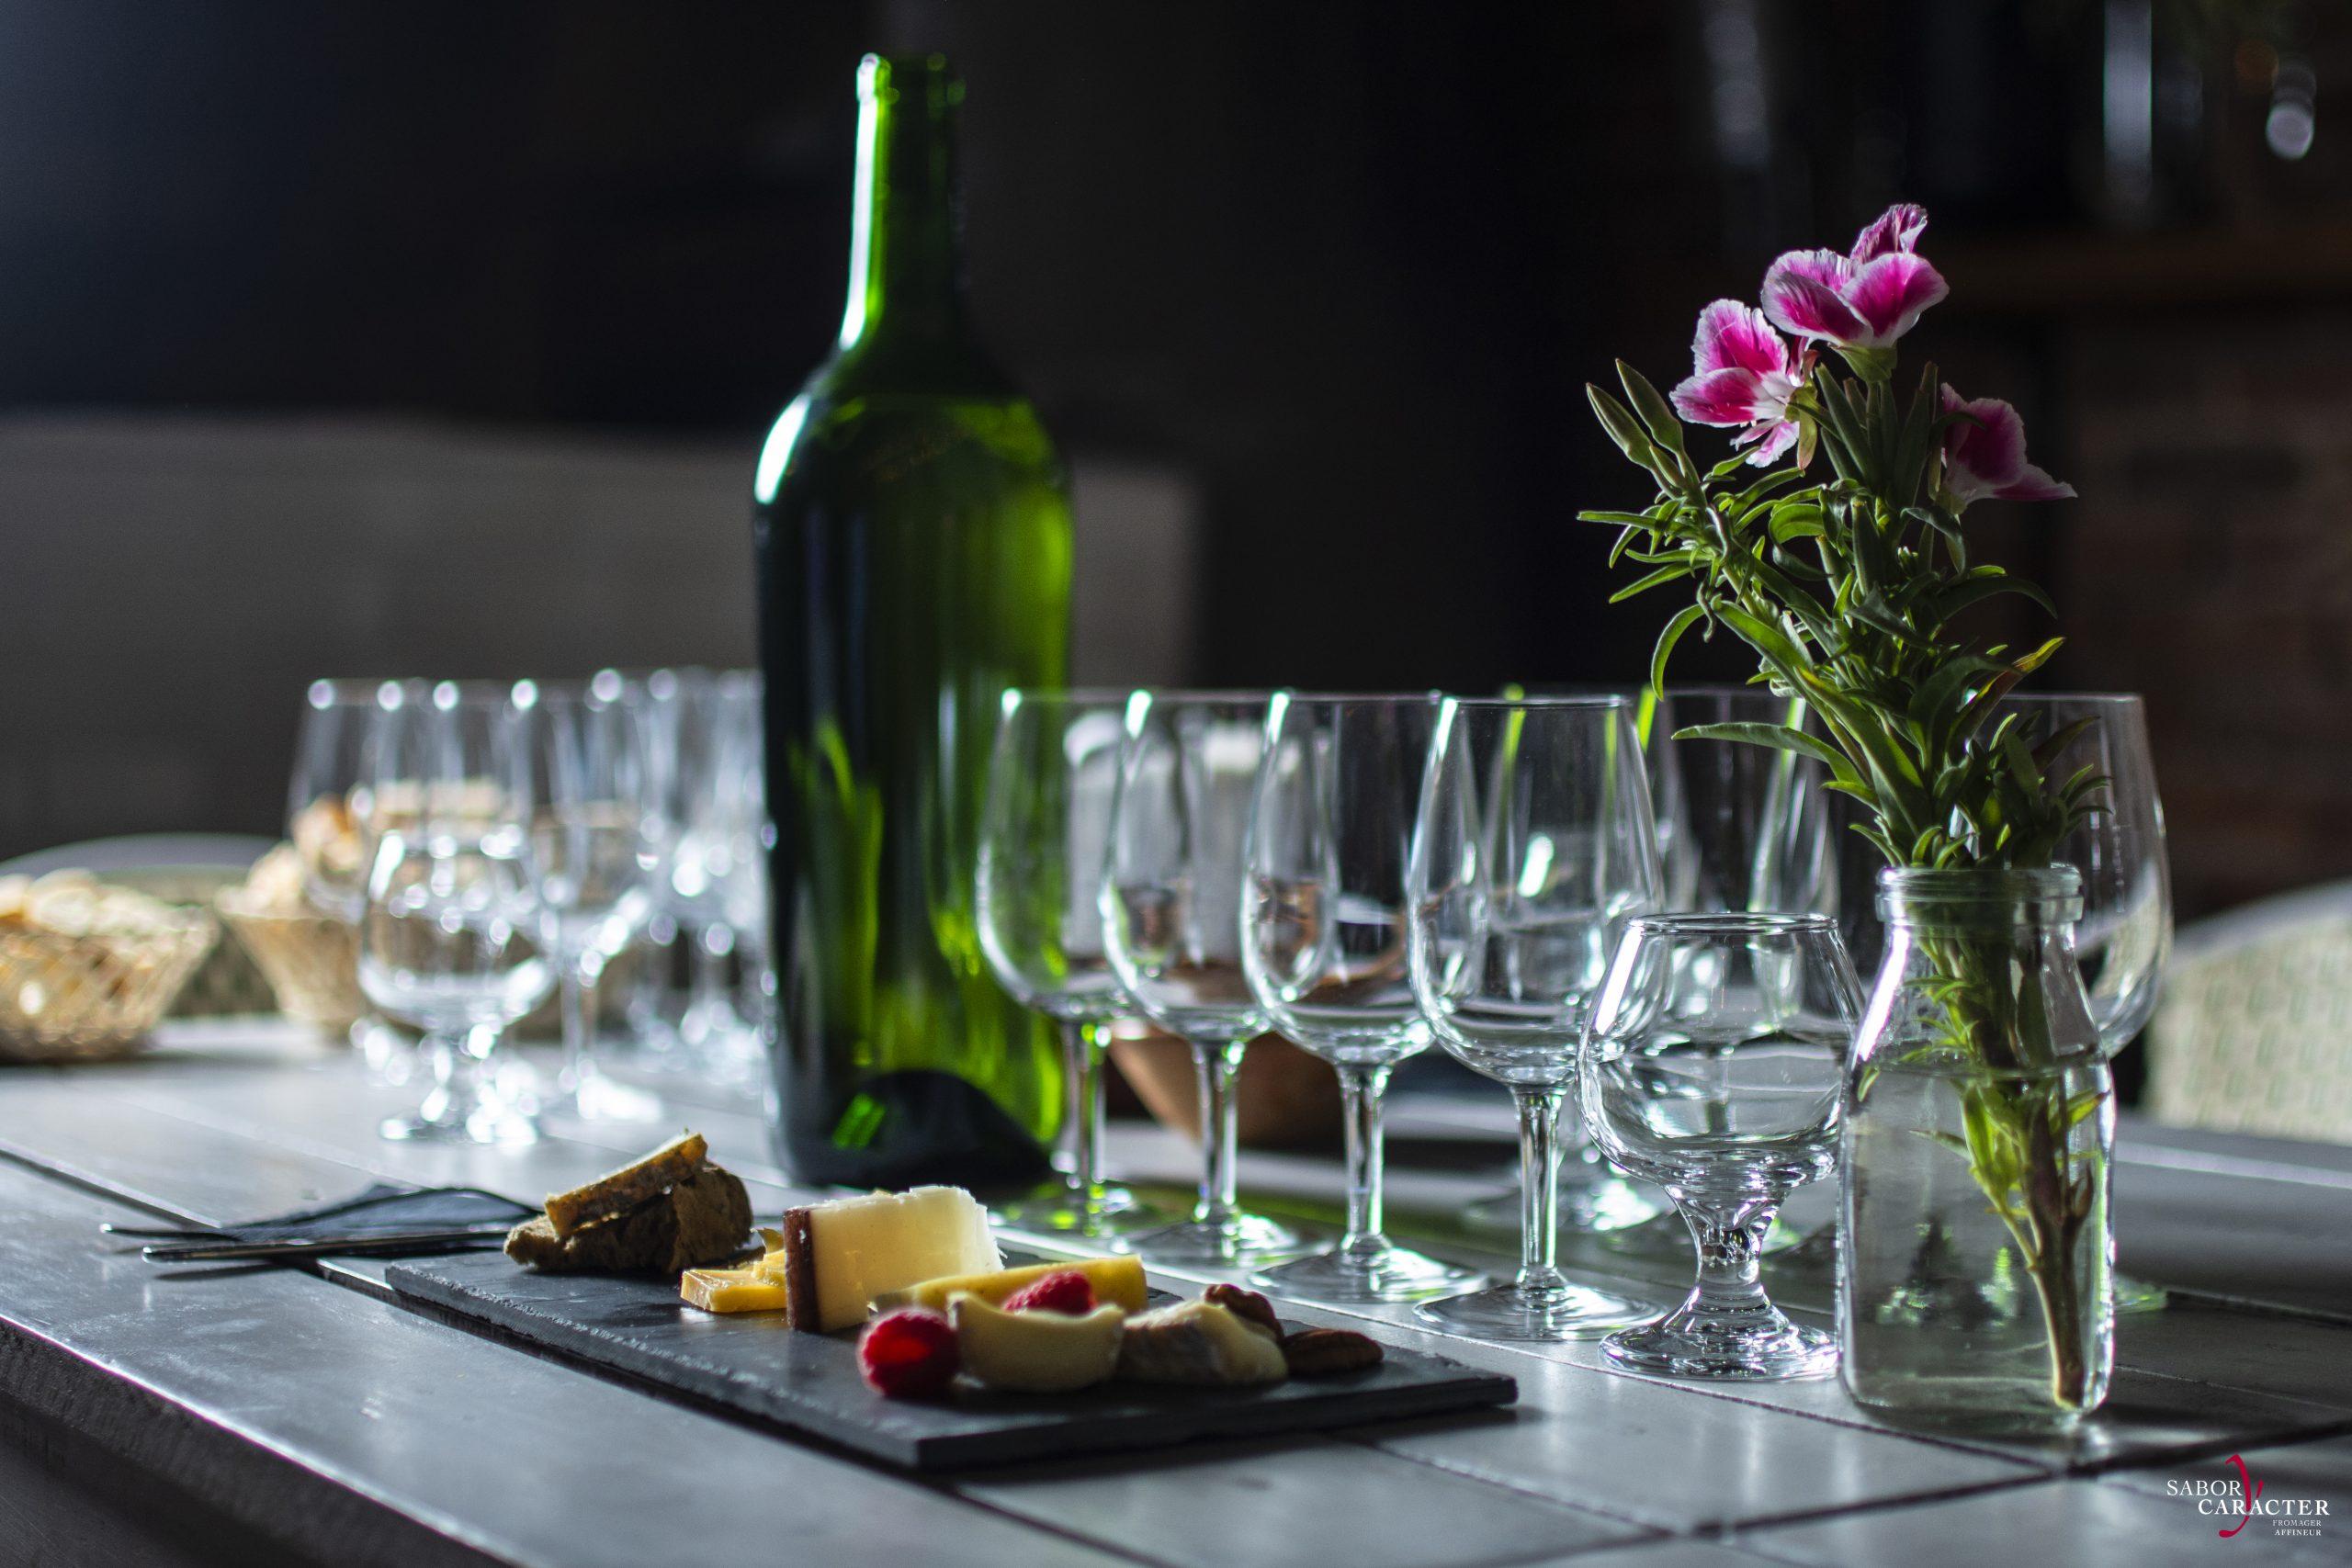 sabor-y-caracter-queso-gastronomia-gourmet-cheese-club-presentación-queso- cena-maridaje